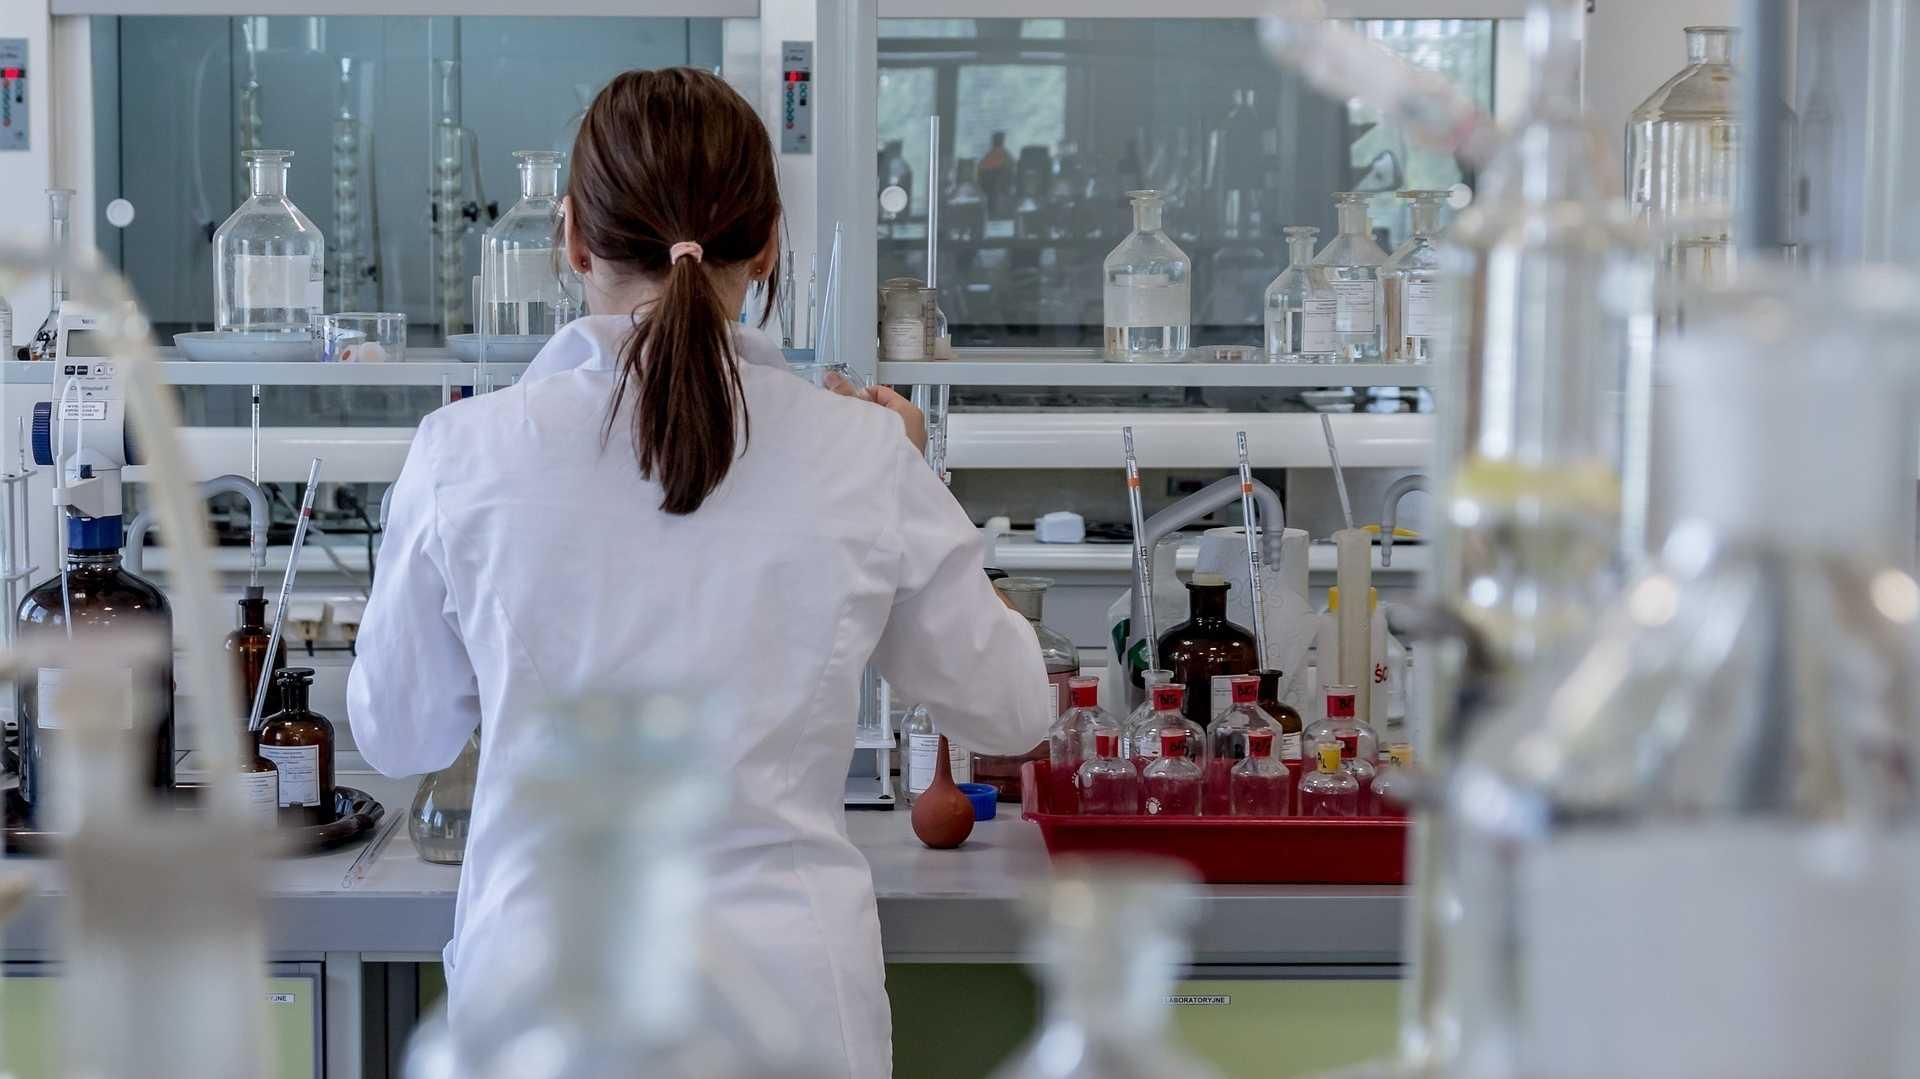 Bundesforschungsministerin stellt sich gegen Leugnung wissenschaftlicher Erkenntnisse